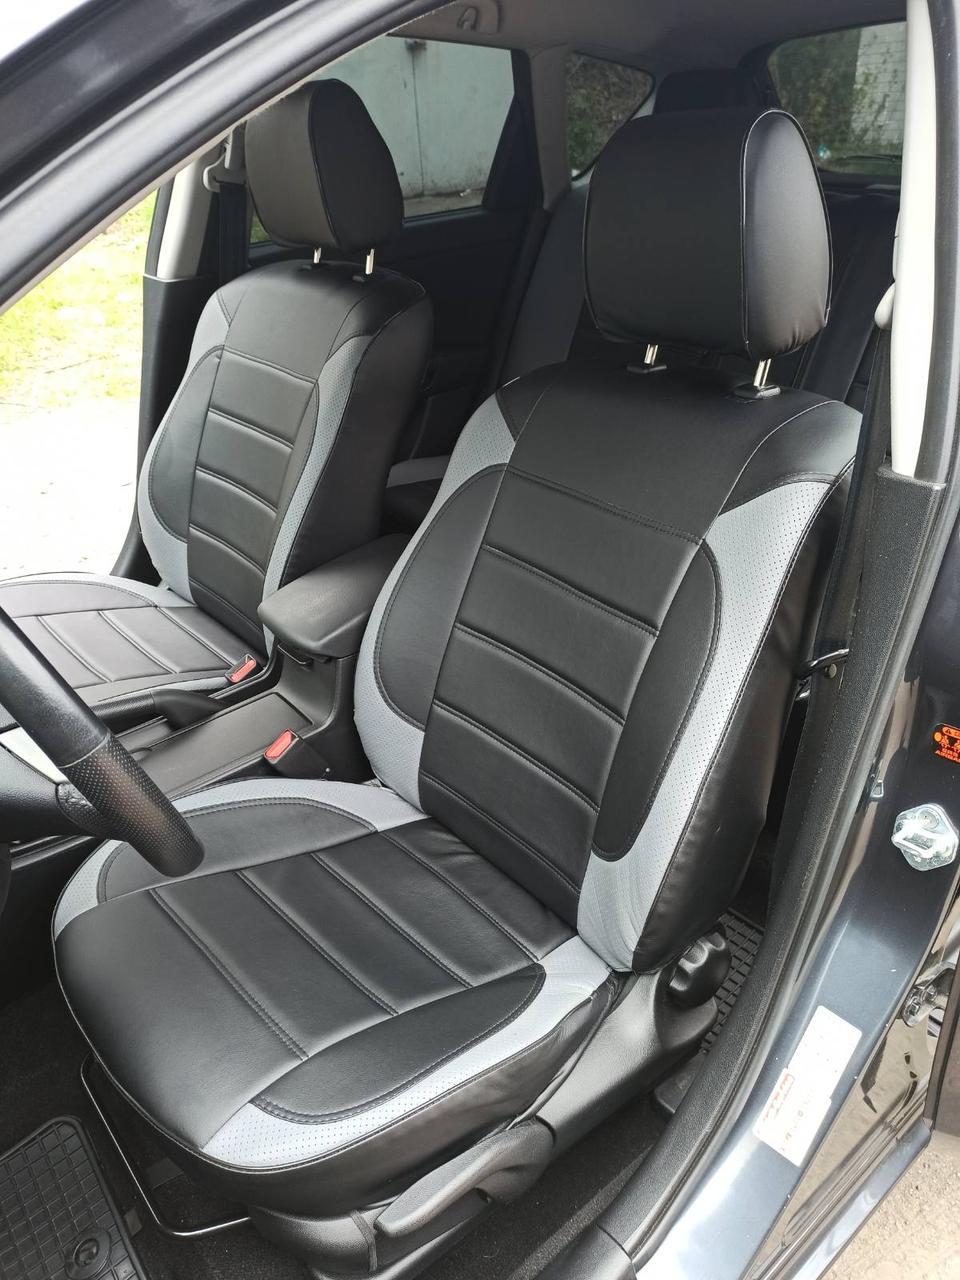 Чехлы на сиденья Фольксваген Гольф 5 (Volkswagen Golf 5) модельные MAX-L из экокожи Черно-серый